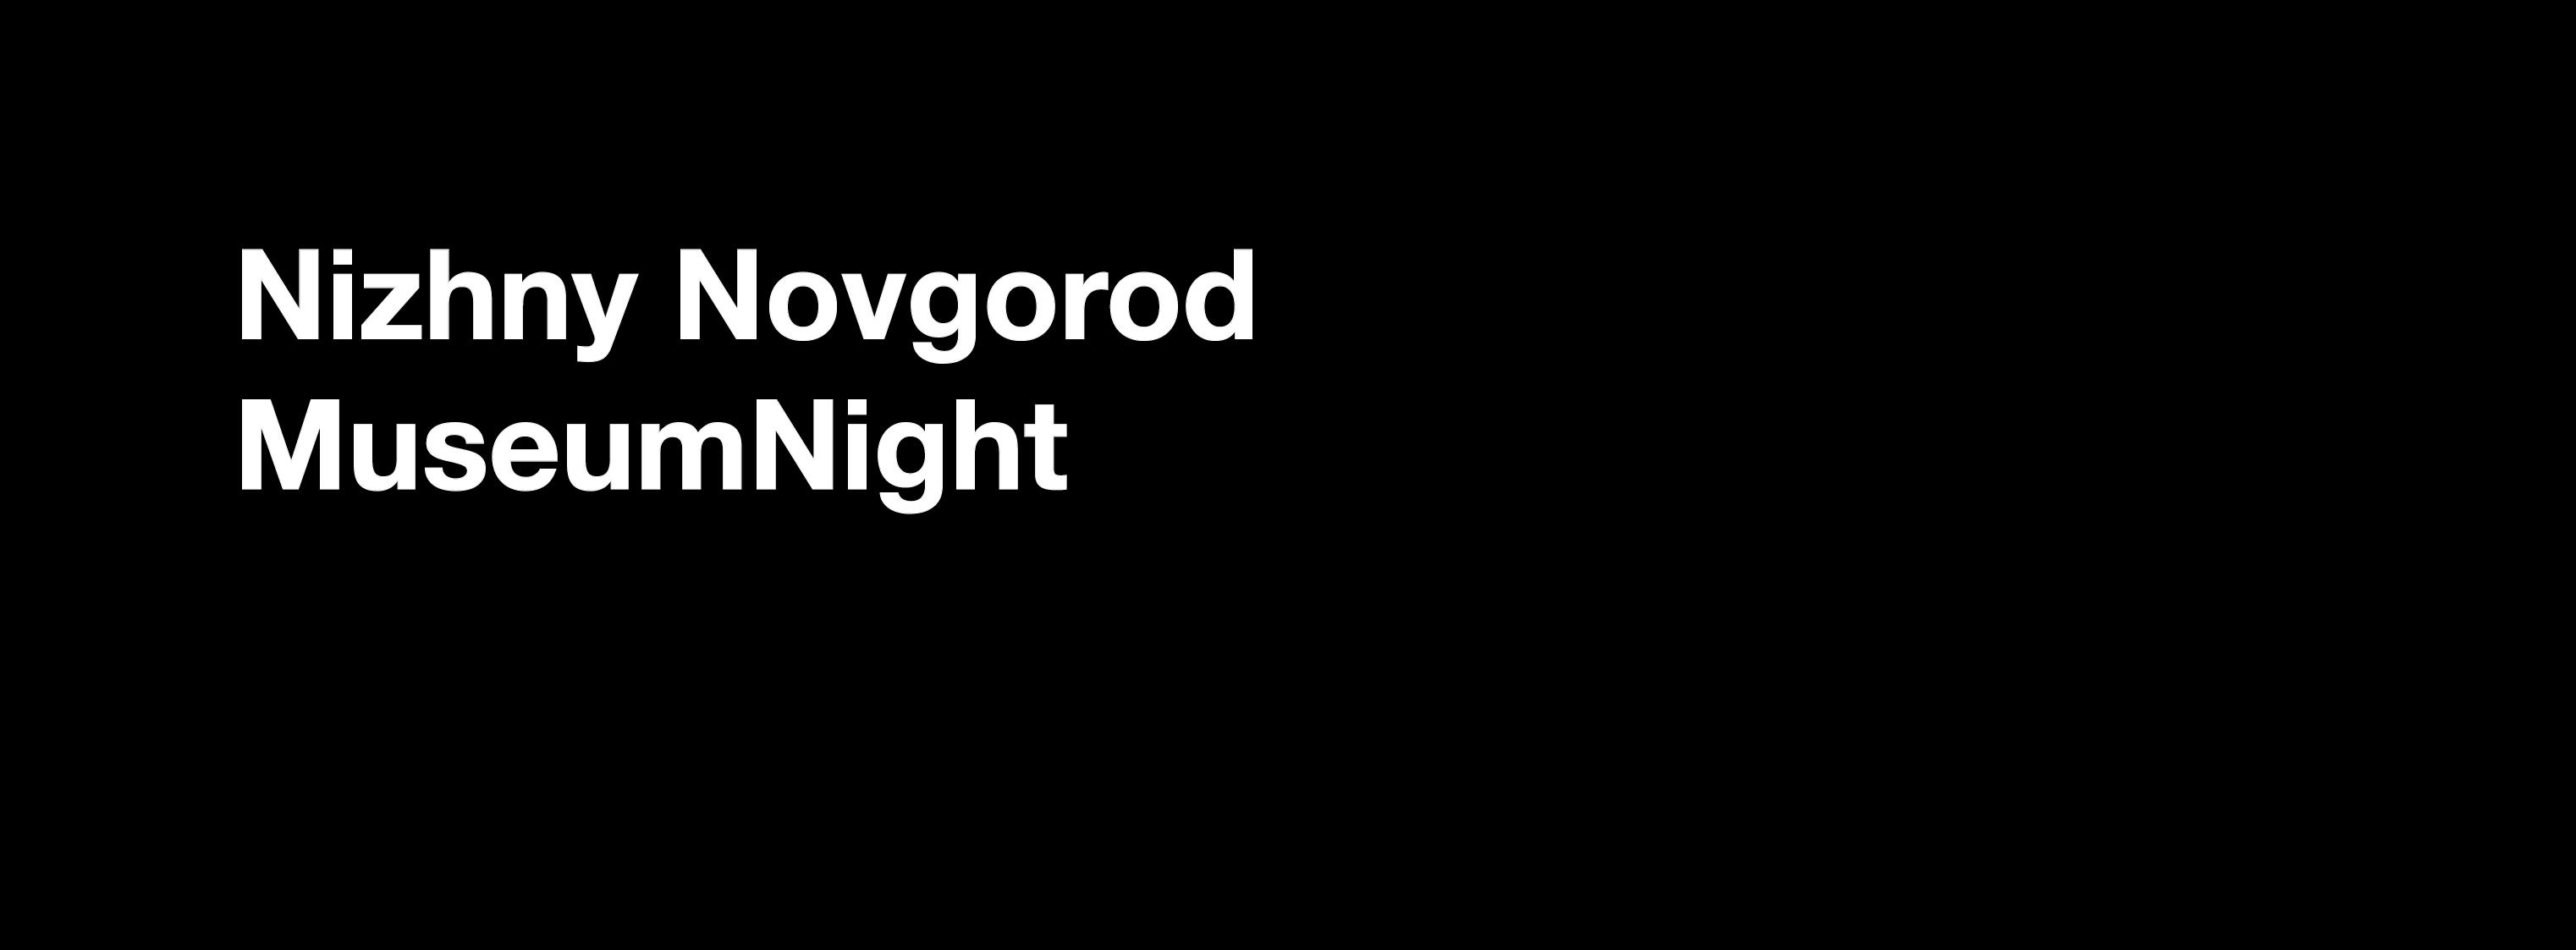 headline to project MuseumNight Nizhny Novogrod by light-up collective